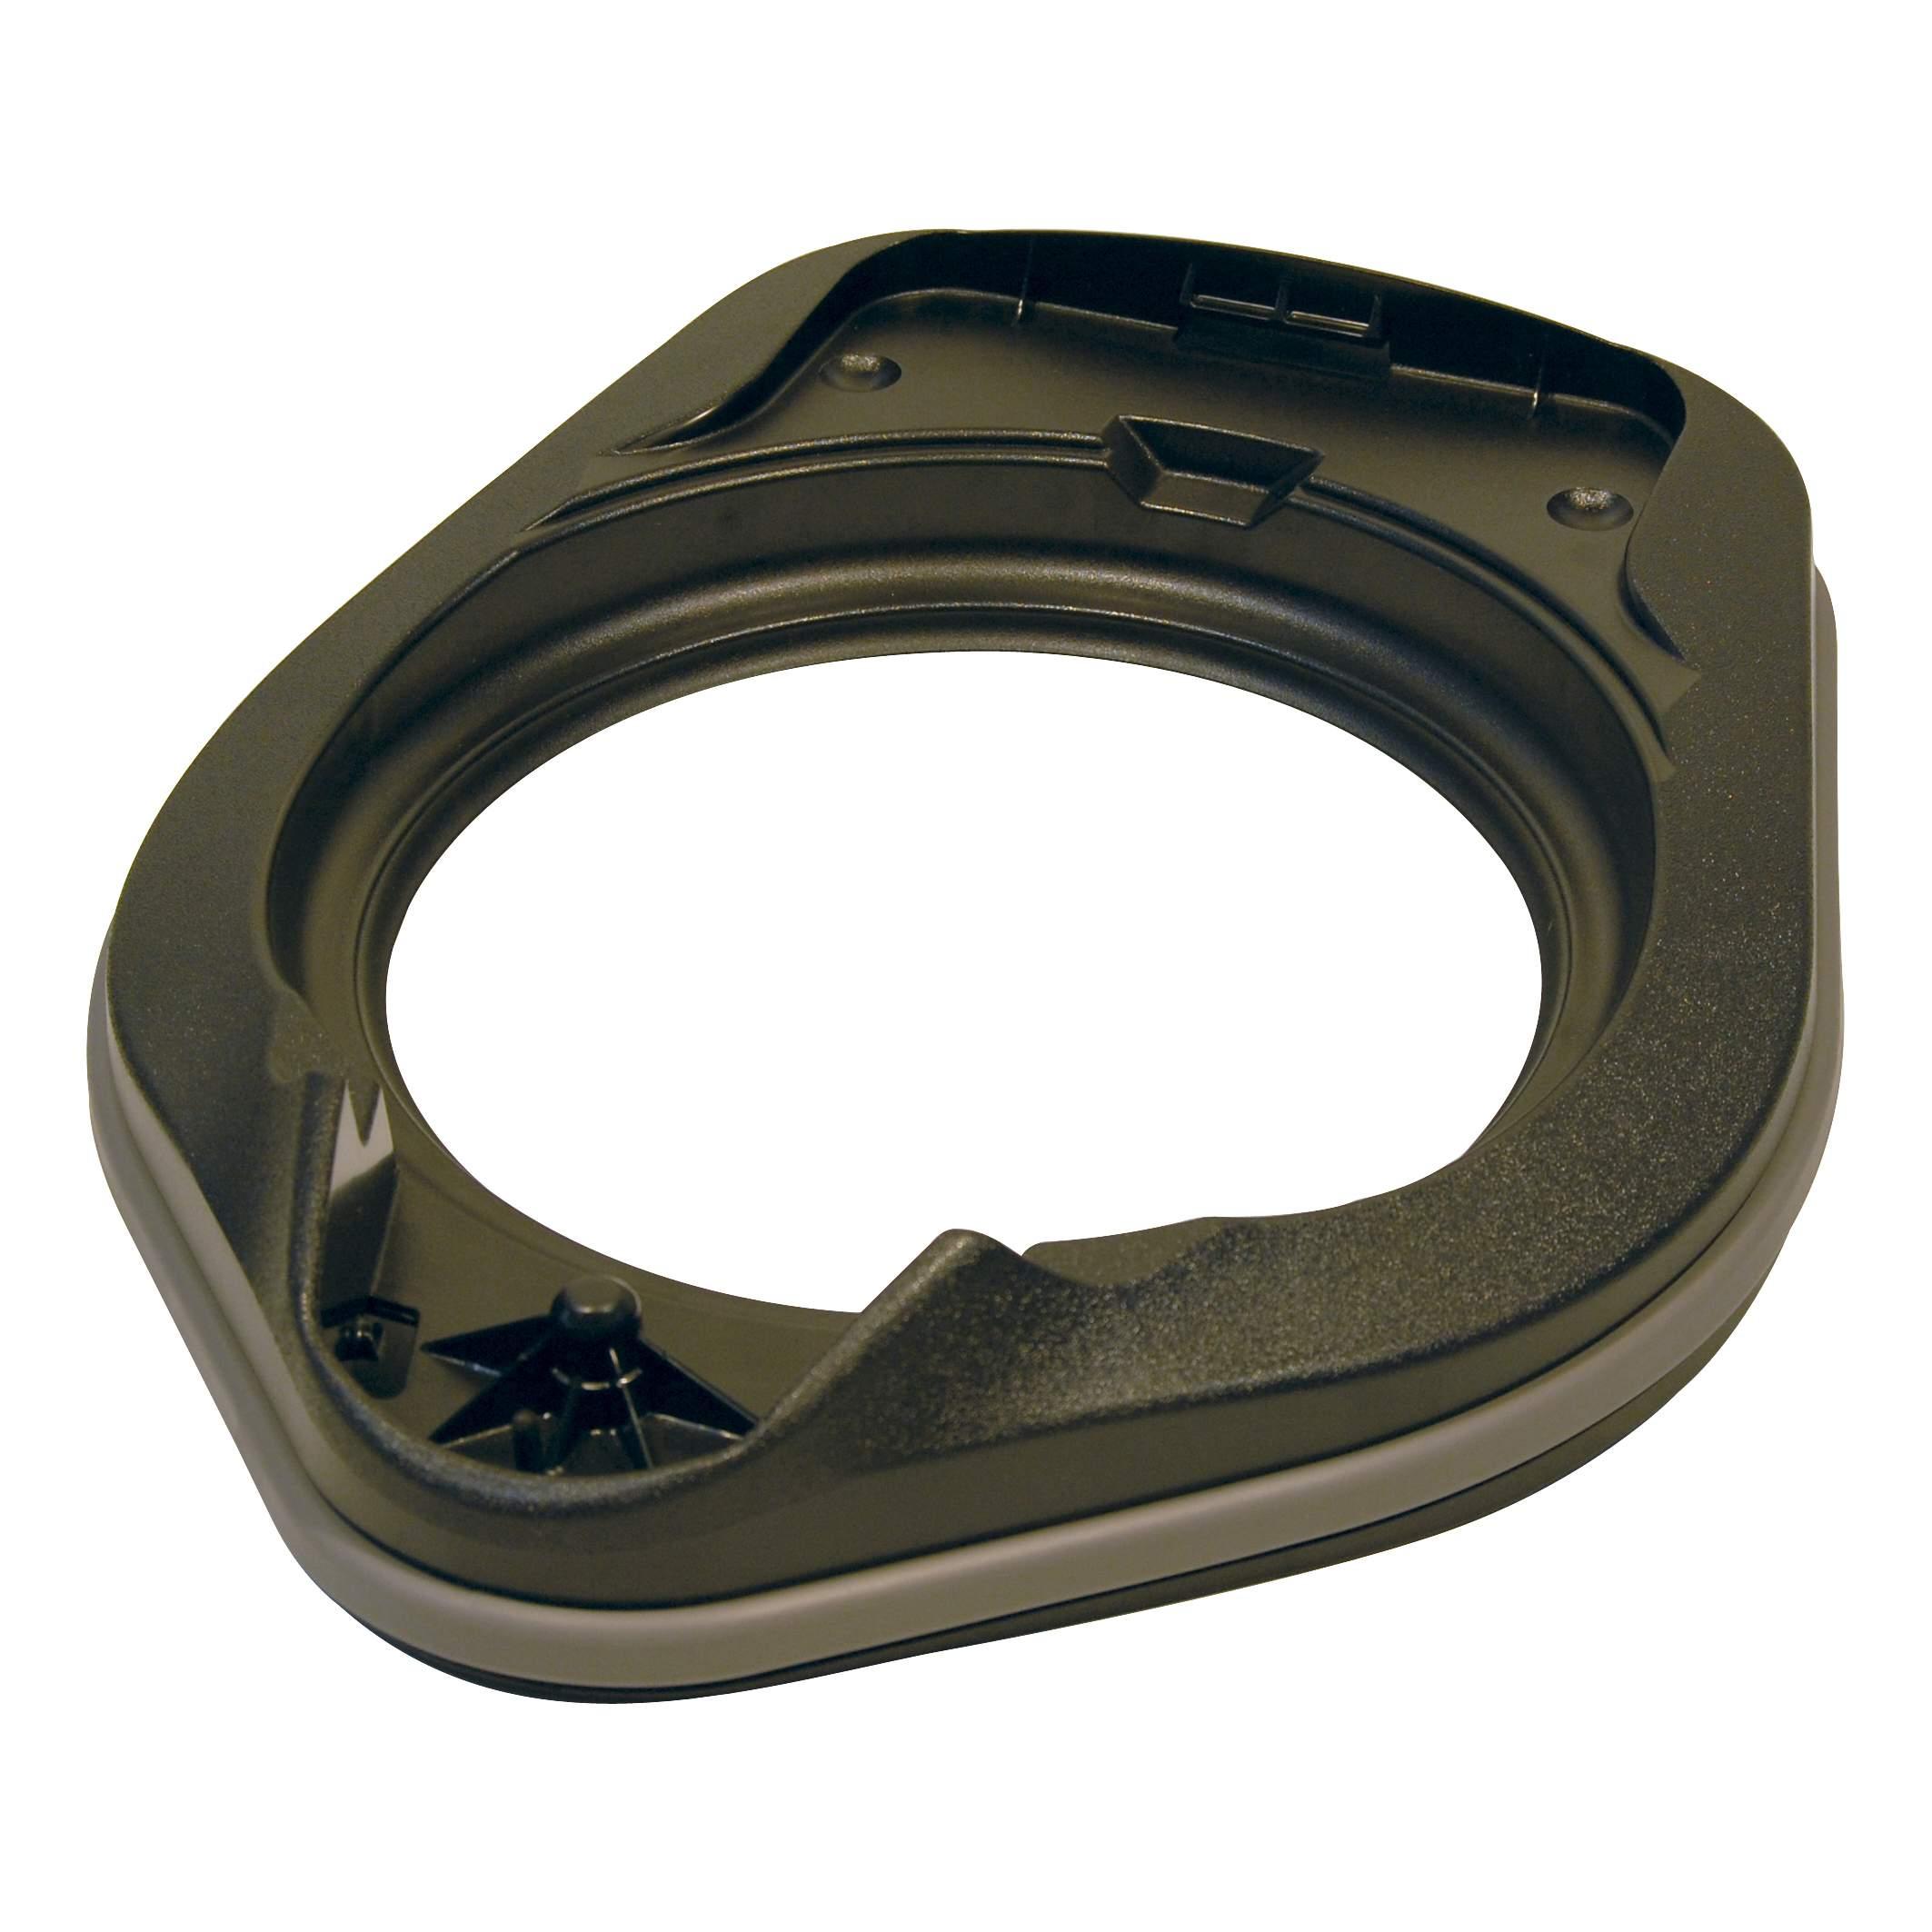 Carrito (sin ruedas) Black